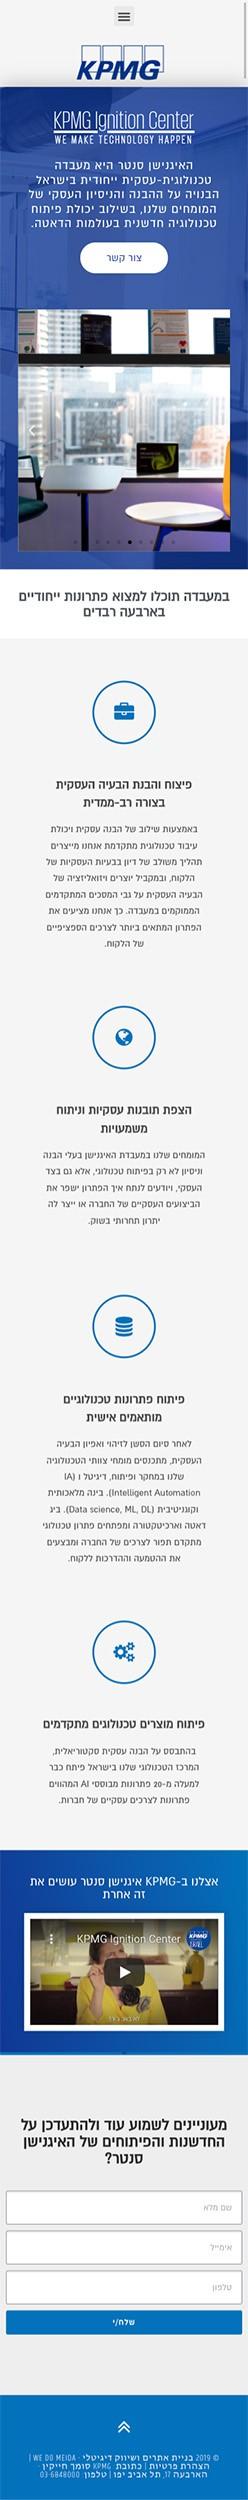 אתר של KPMG